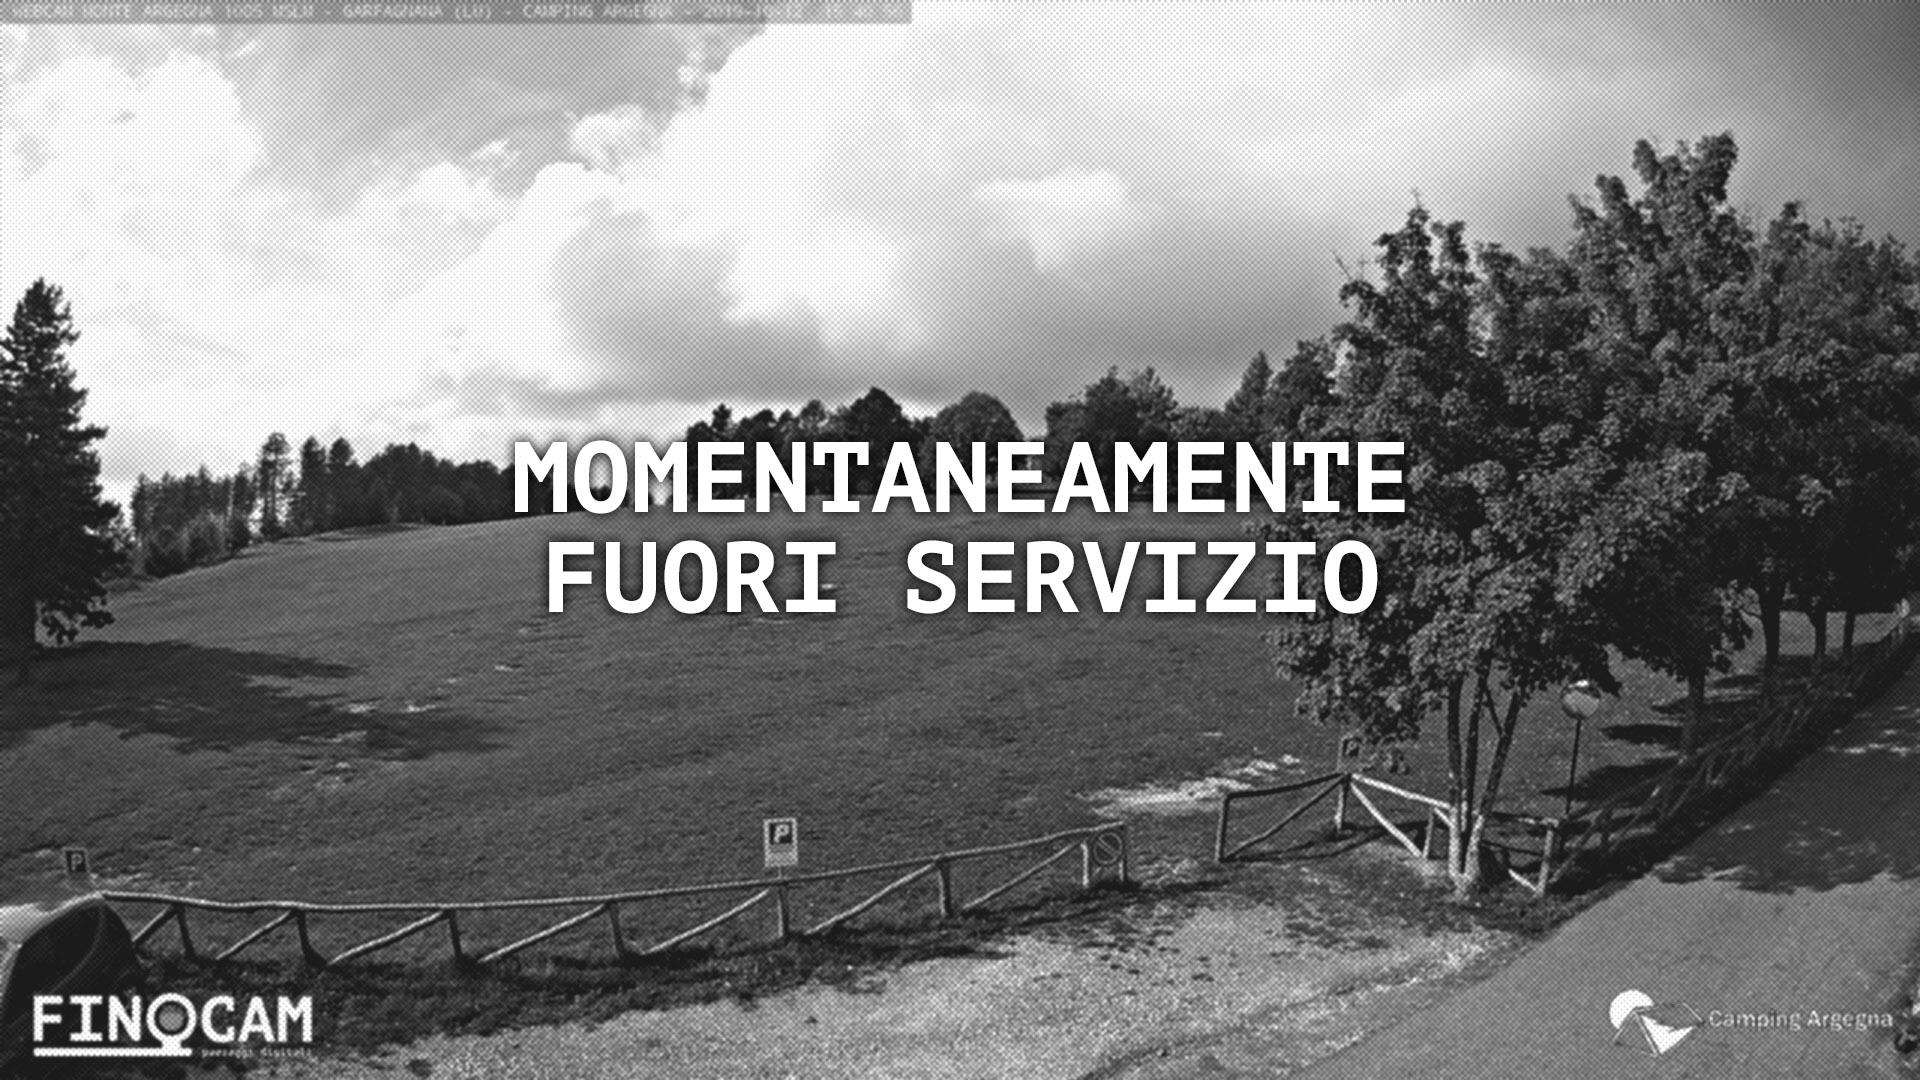 Webcam Monte Argegna (LU)